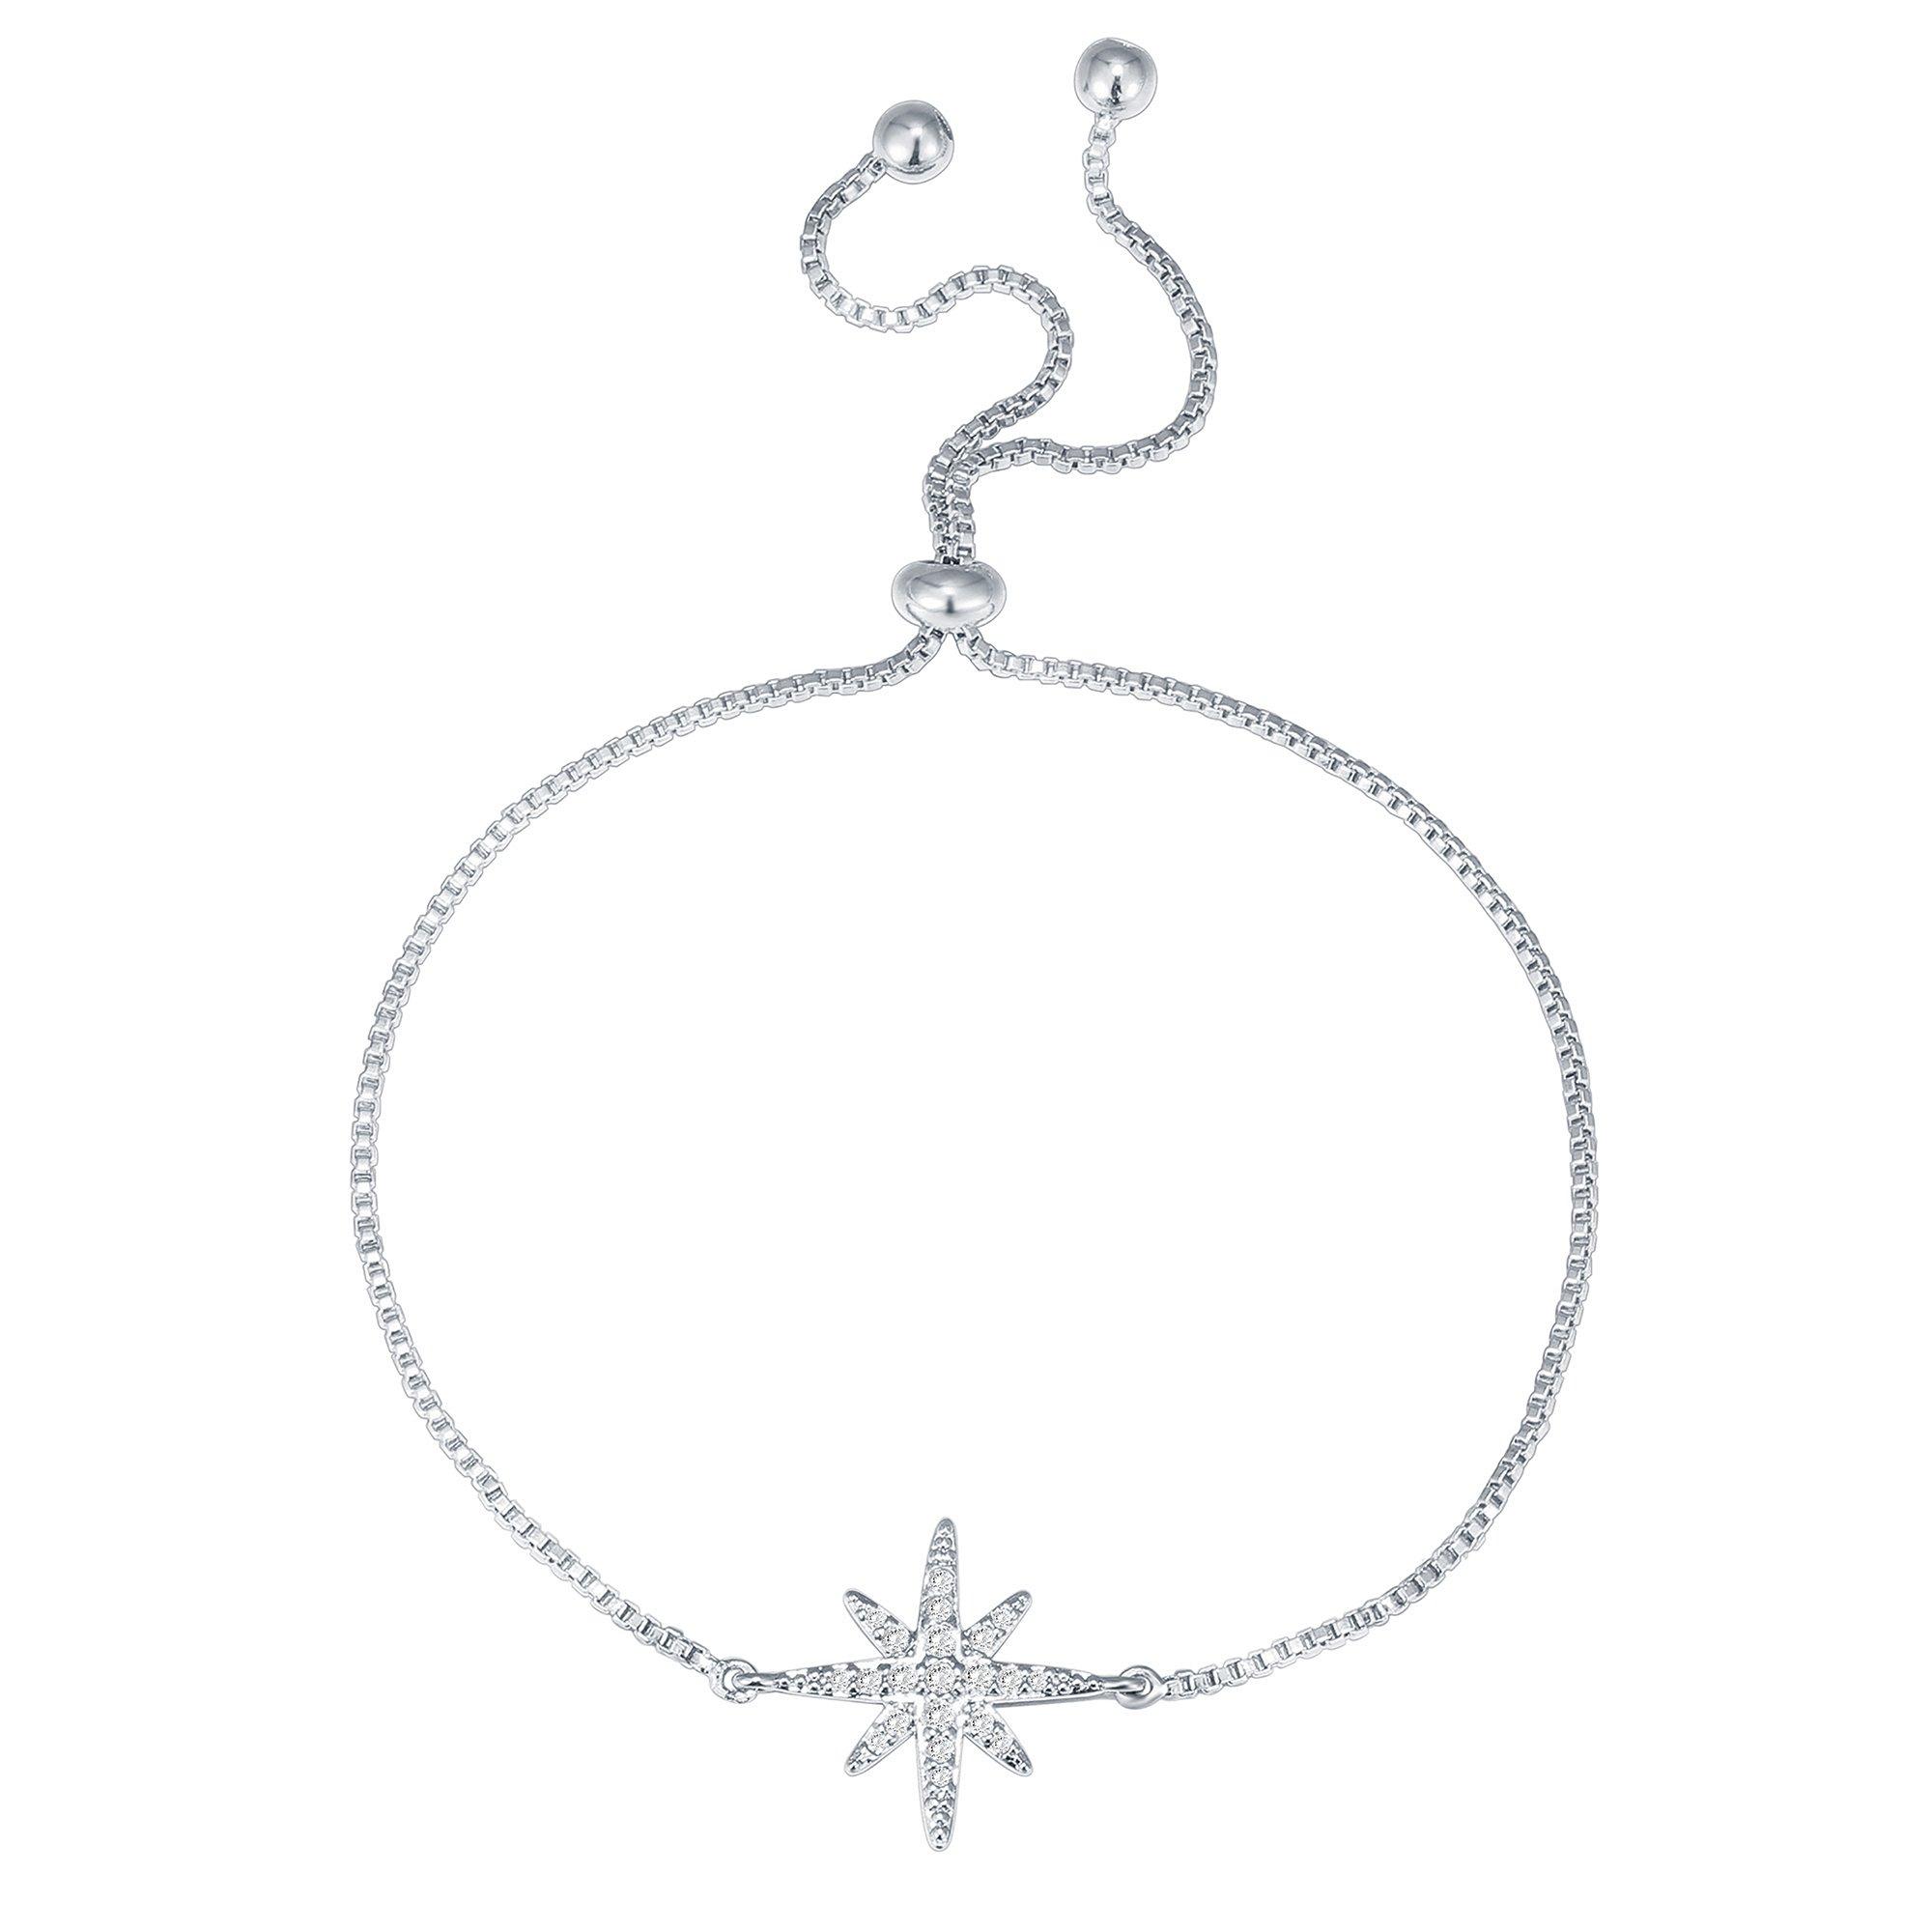 PAVOI 14K White Gold Plated Star Celestial Adjustable Bracelet